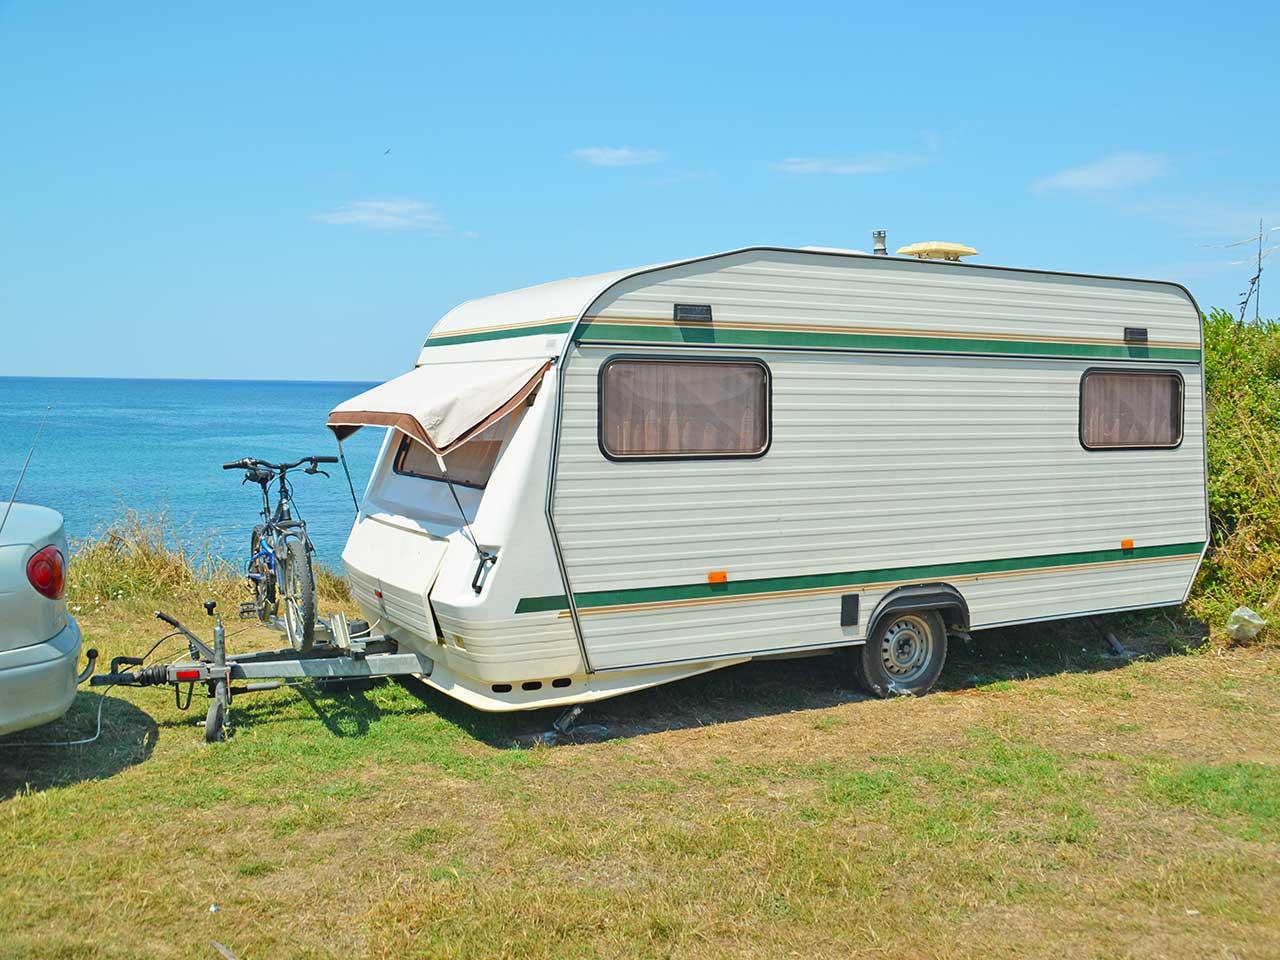 Caravan Backgrounds, Compatible - PC, Mobile, Gadgets| 1280x960 px